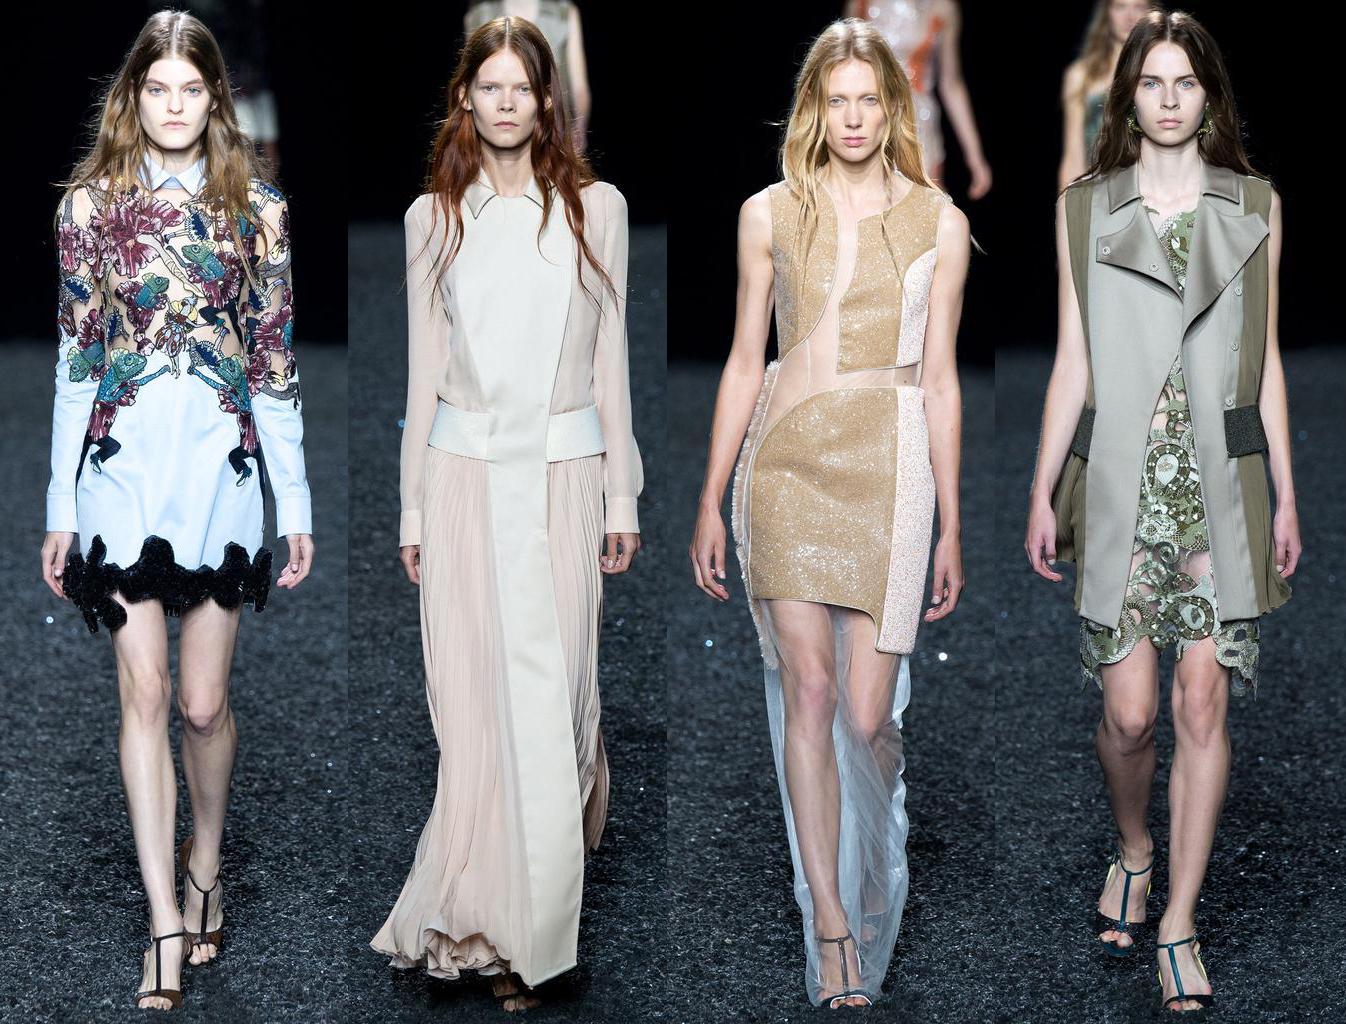 Неделя моды в Лондоне: Mary Katrantzou, весна-лето 2015 - фото №1